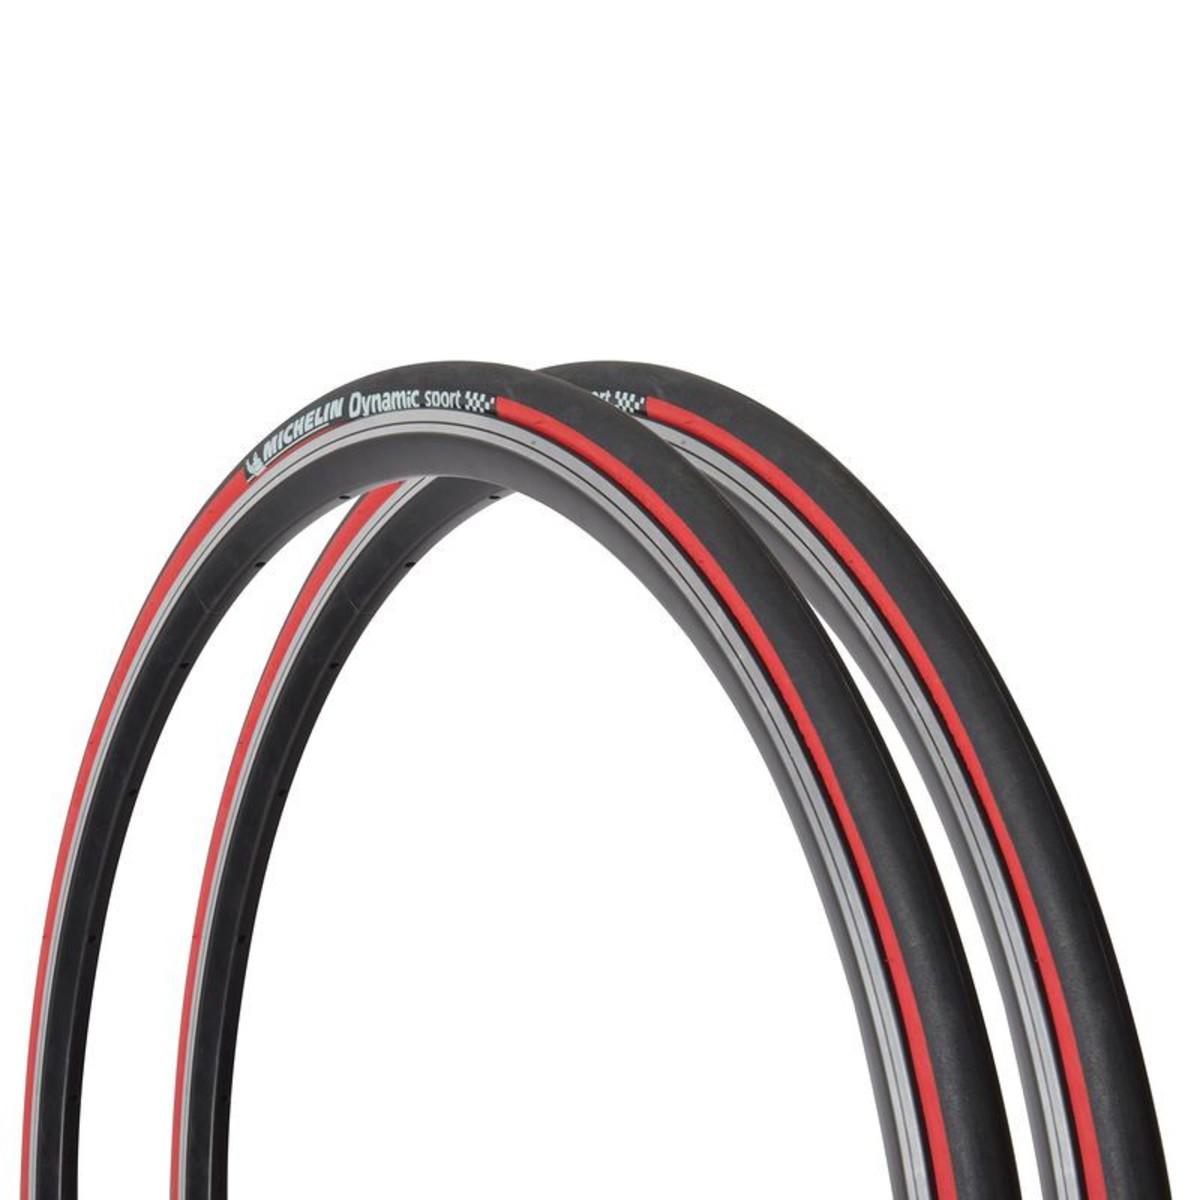 Bild 4 von MICHELIN 2 Drahtreifen Rennrad Dynamic Sport 700x23 (23-622) rot, Größe: Alle